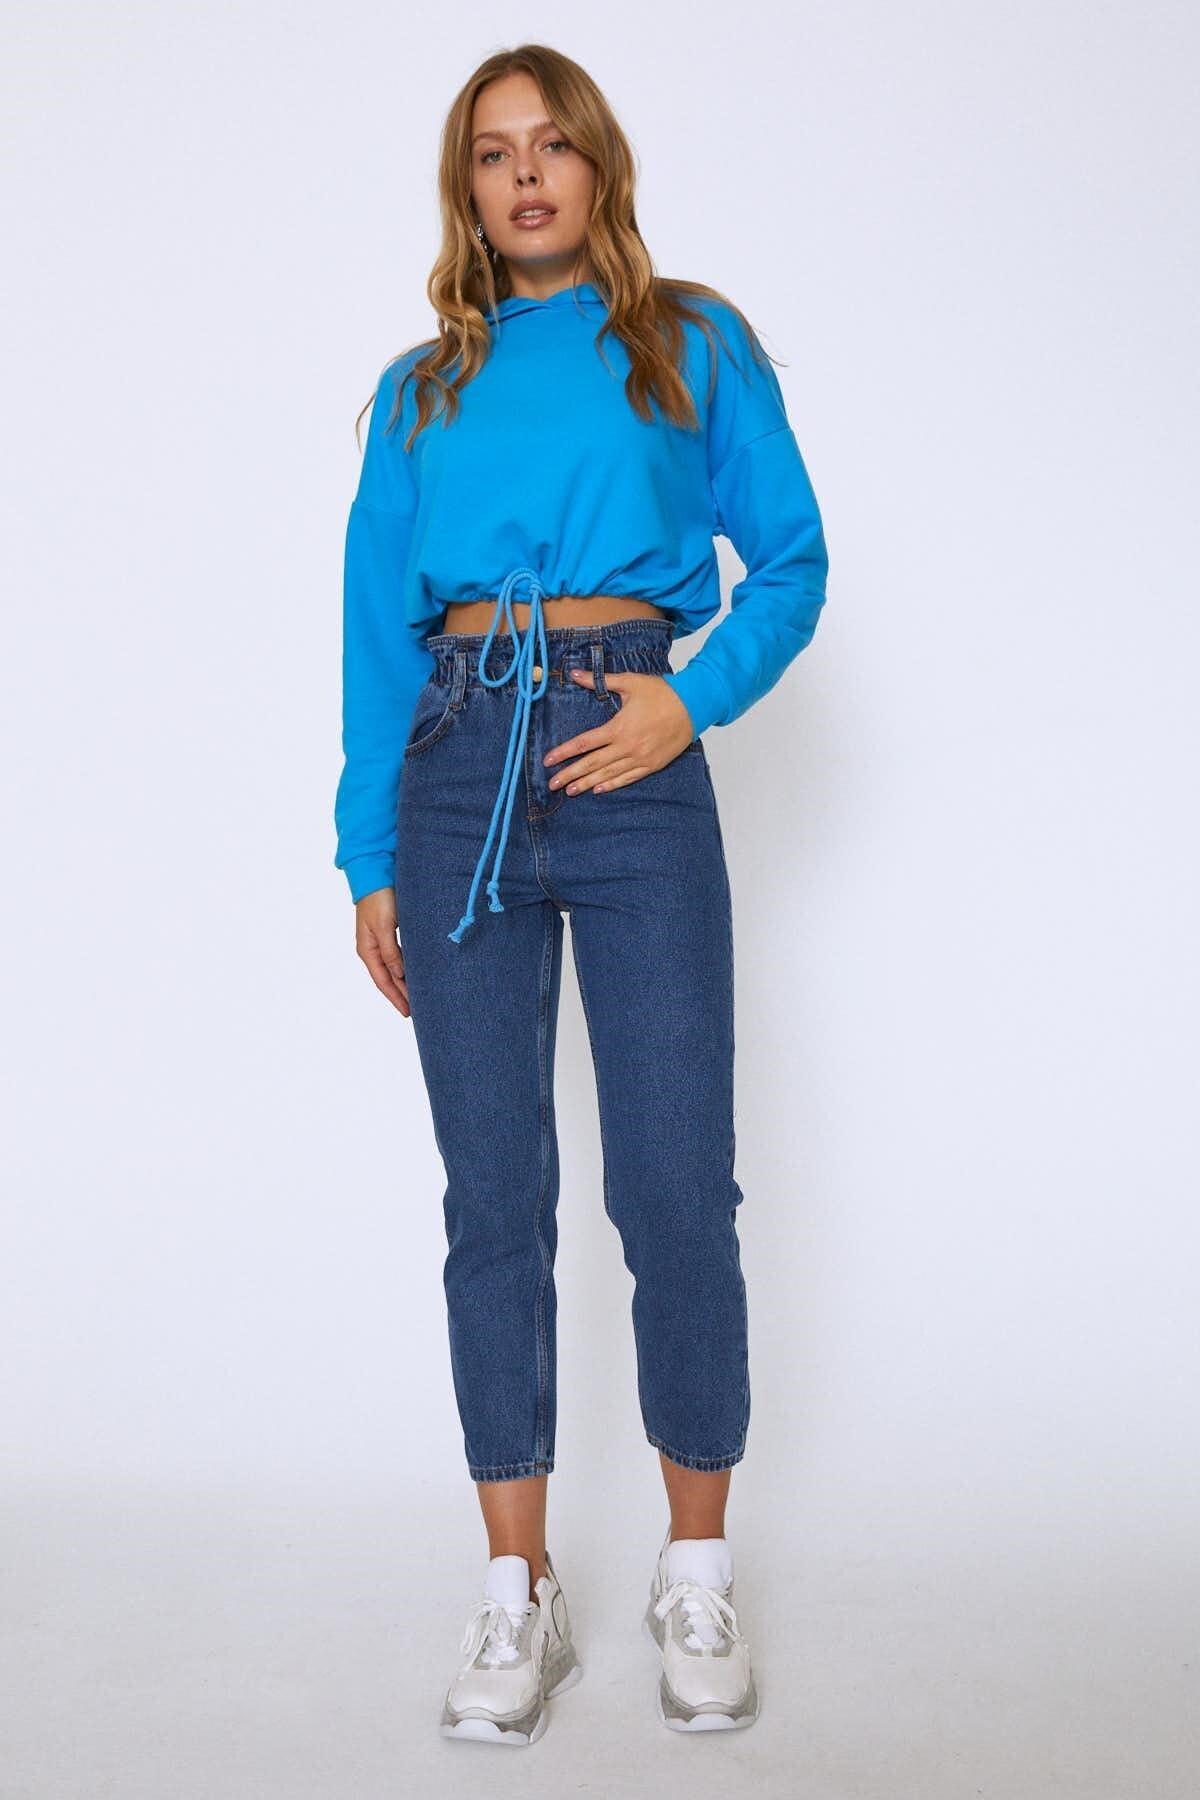 Quzu Kadın Yüksek Bel Beli Büzgülü Pantolon Mavi 20Y72131-009